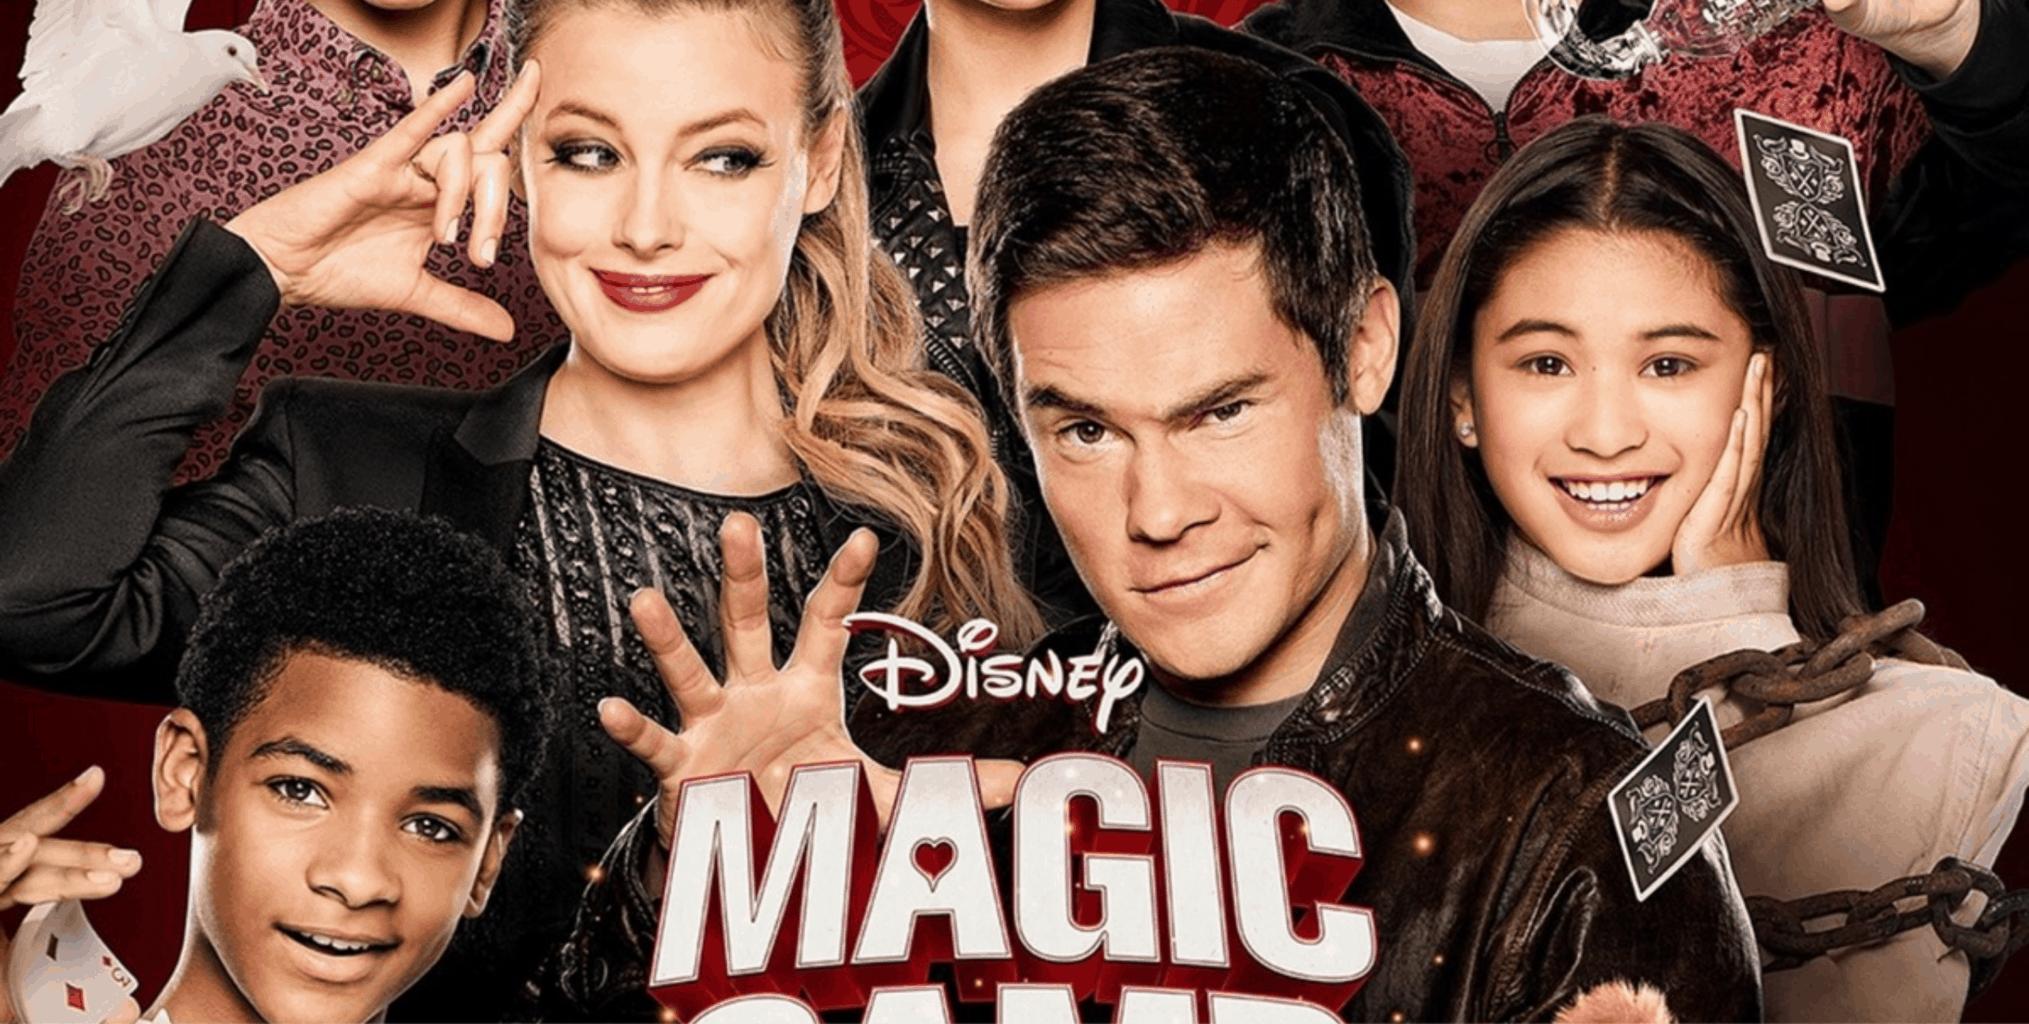 Magic Camp Disney 2020 movie